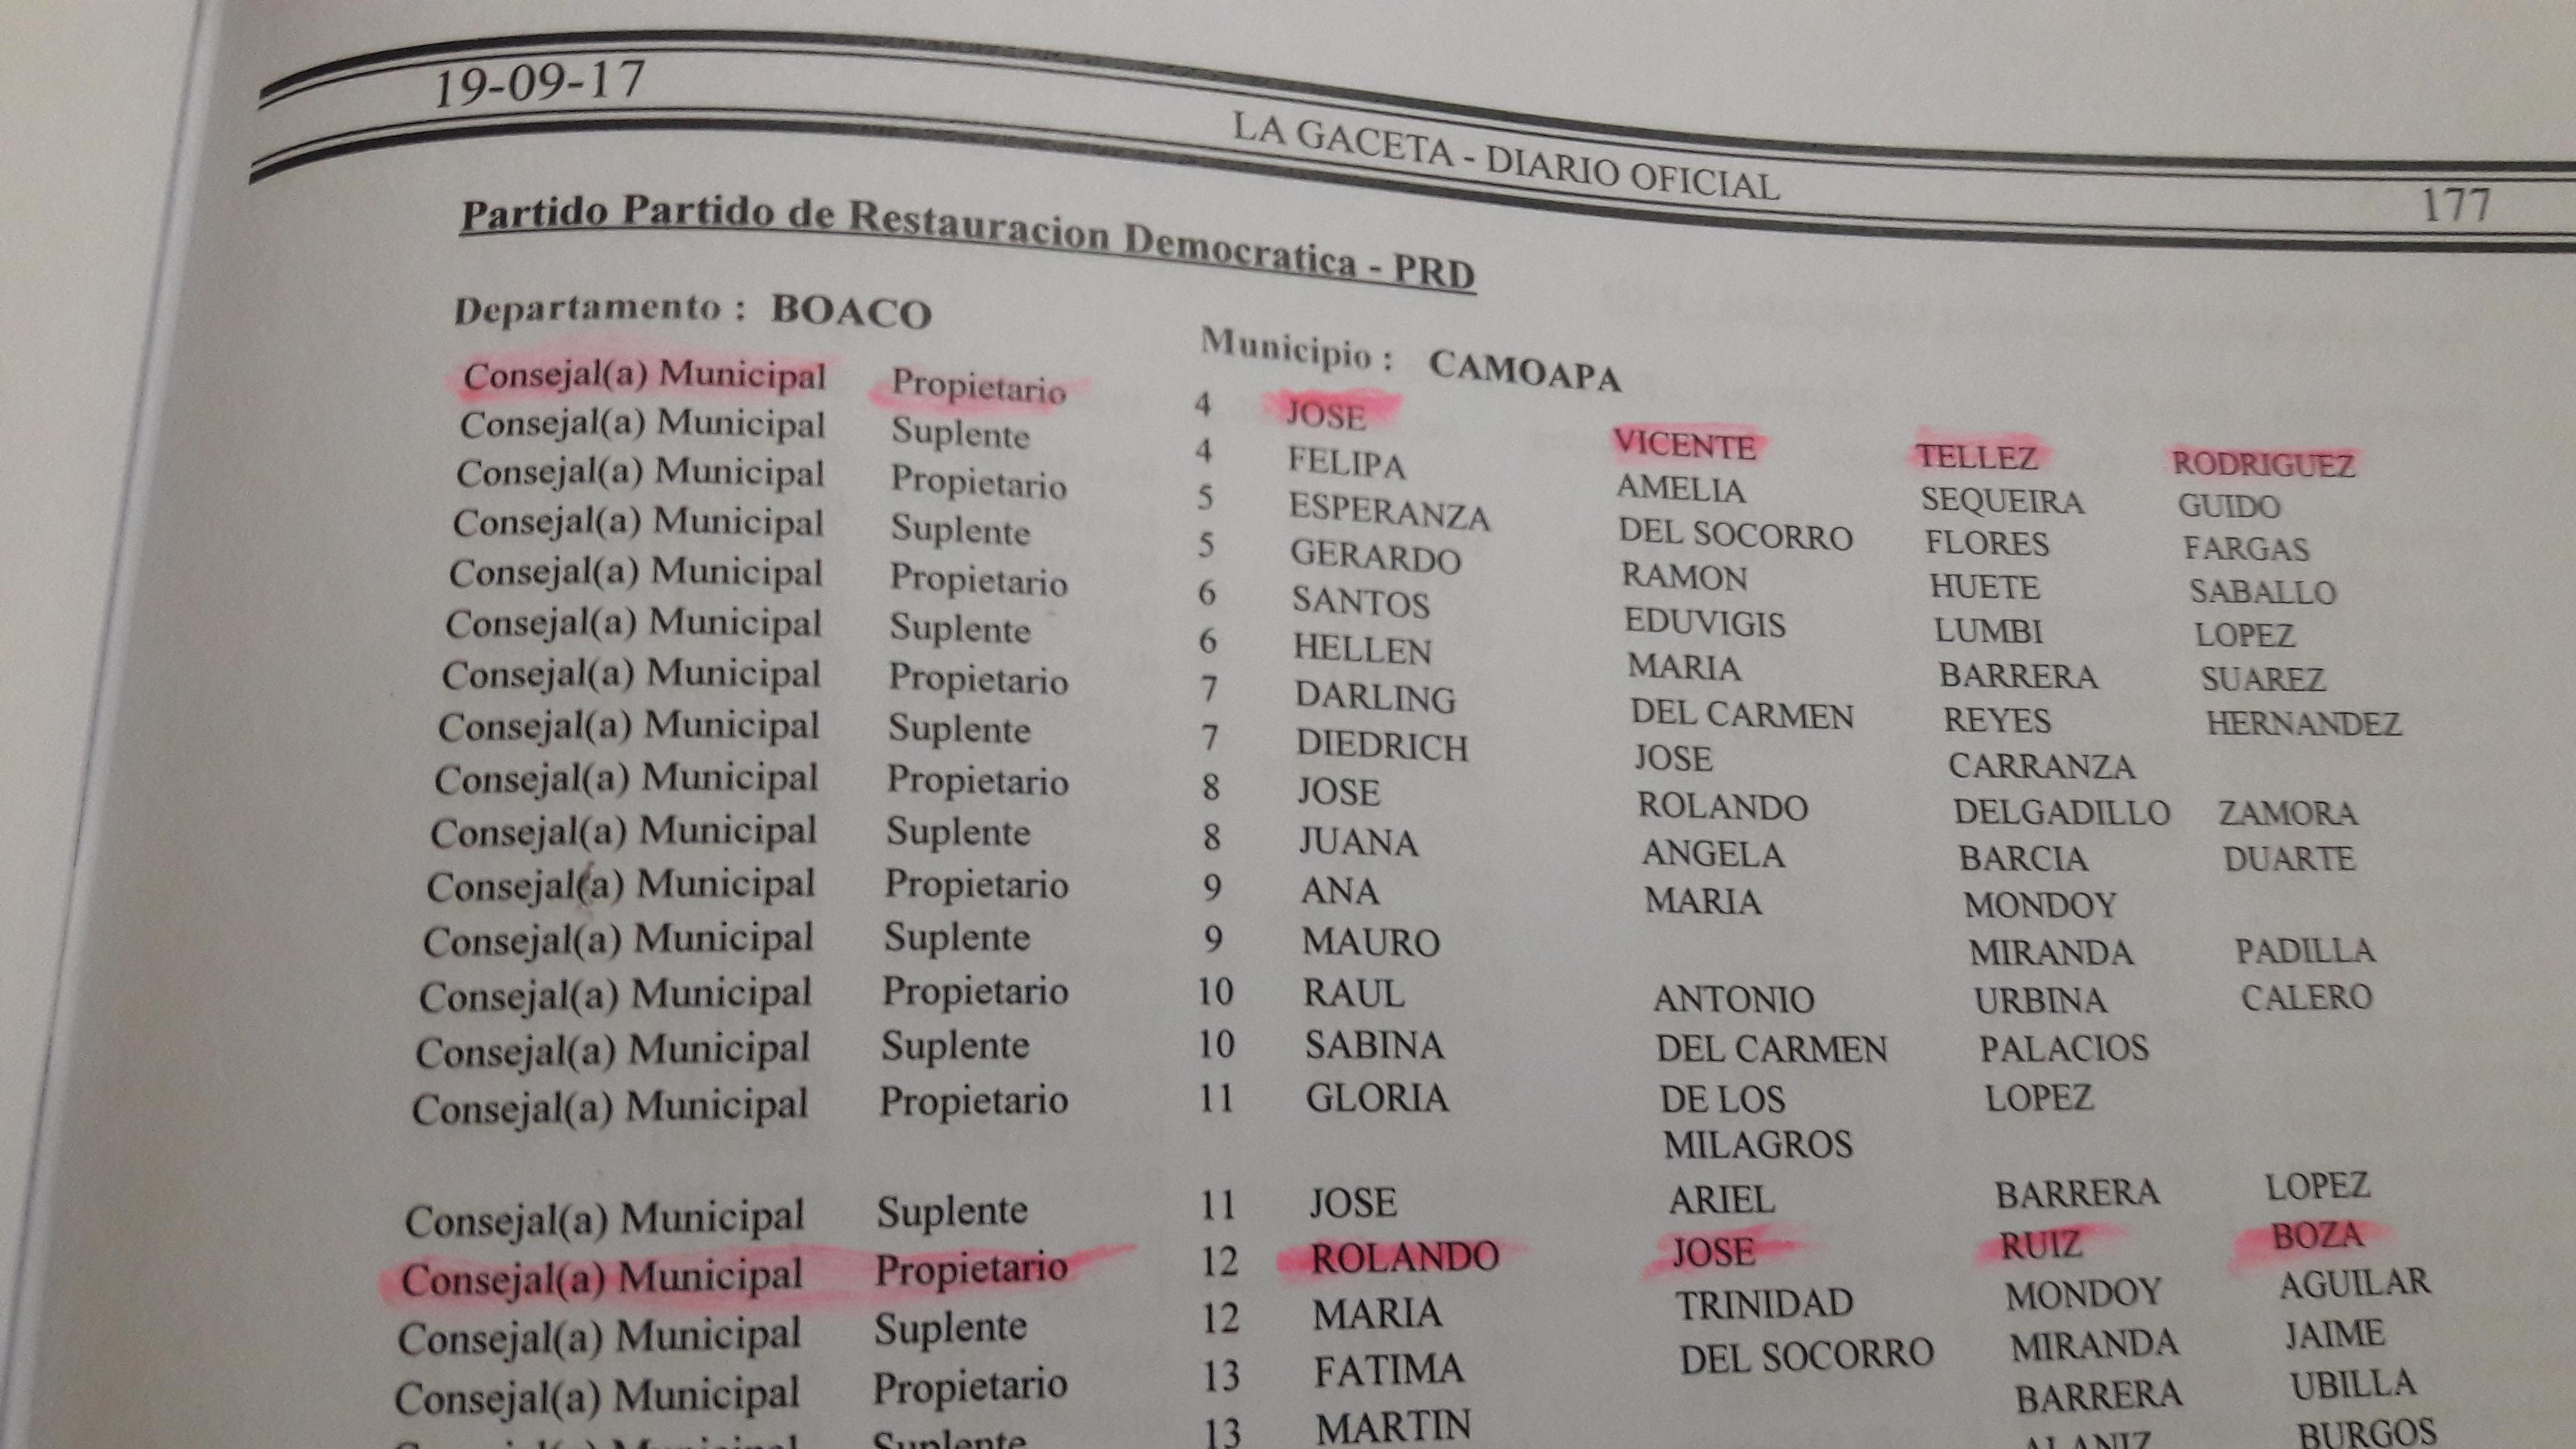 Candidatos fantasma en Camoapa. Lista oficial publicada en La Gaceta.